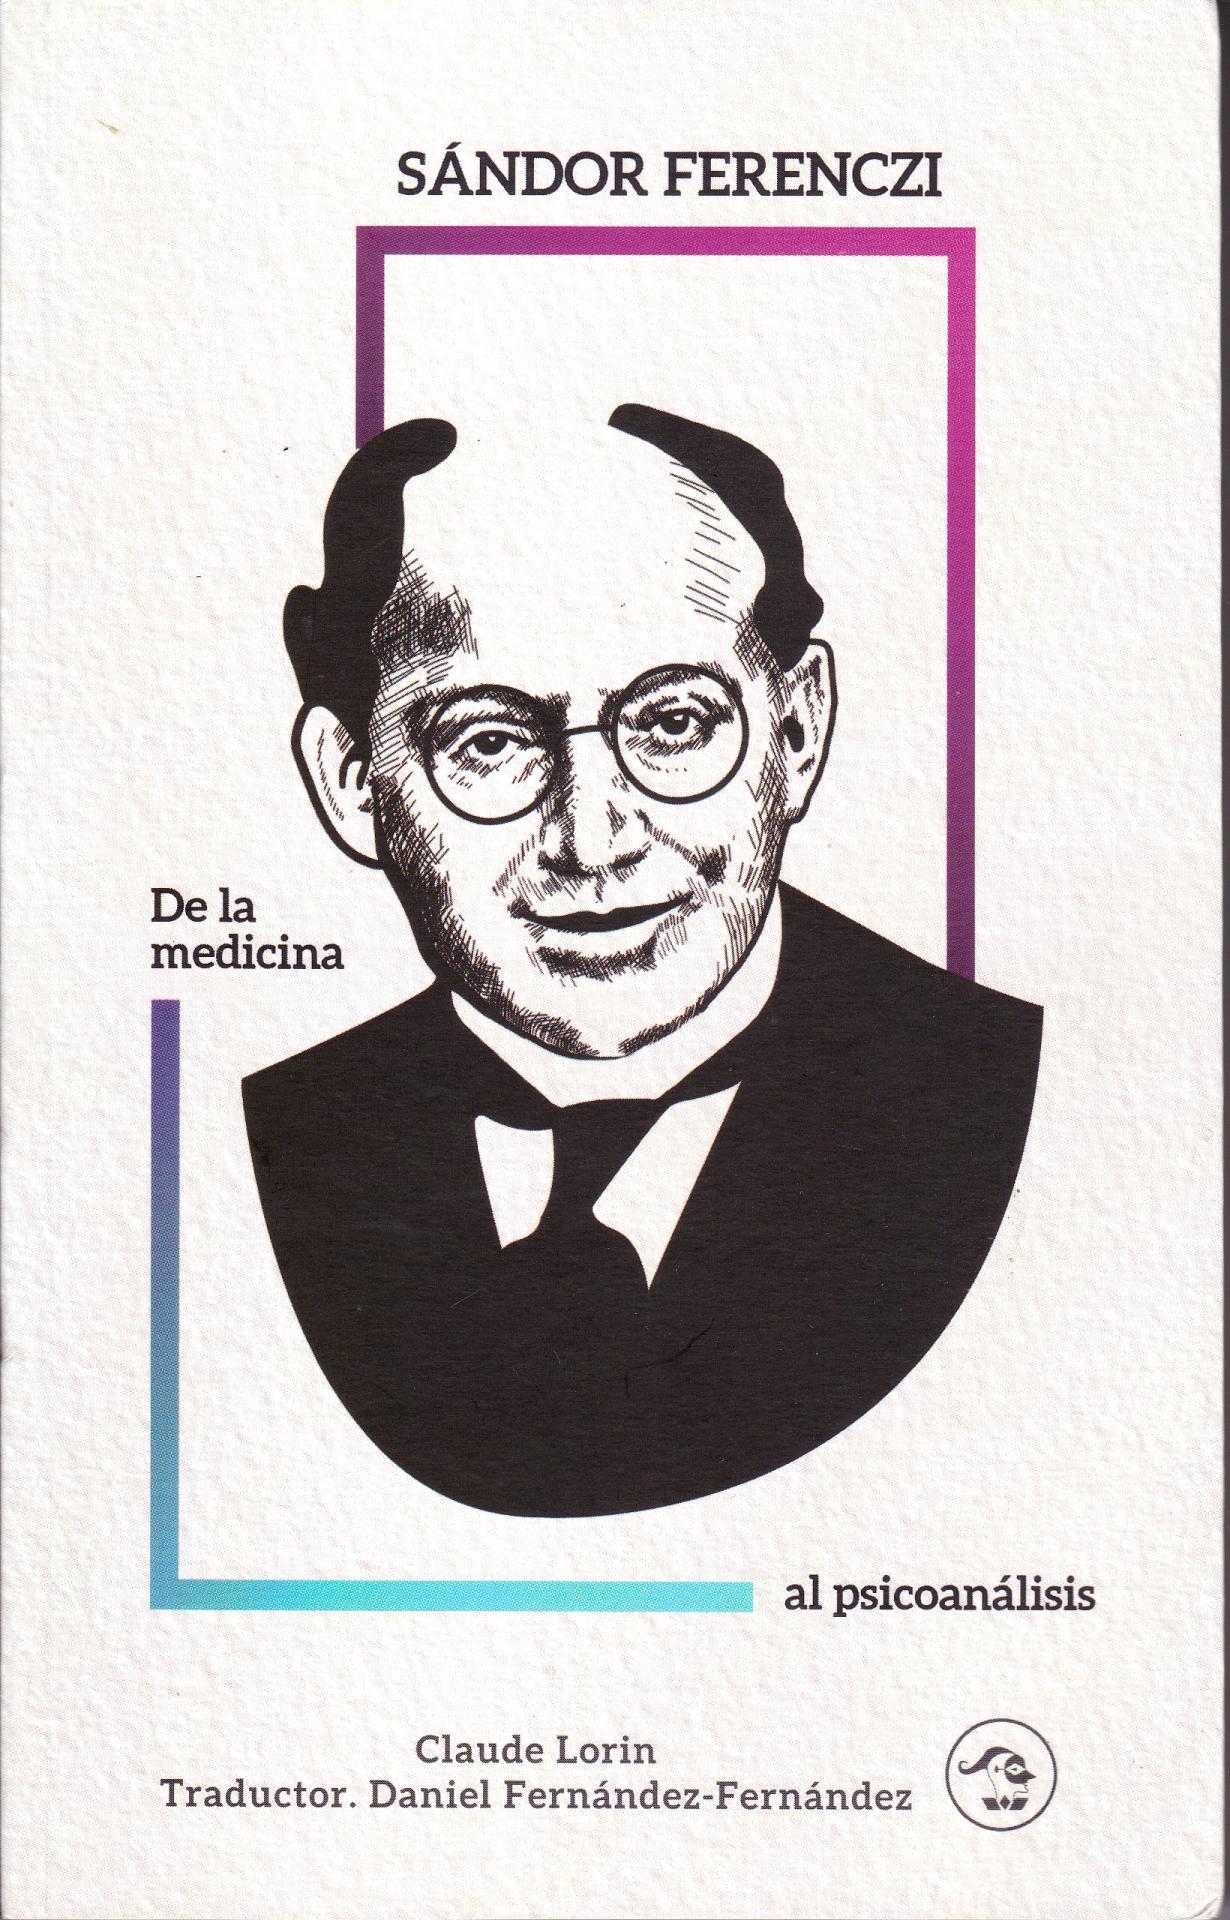 Sandor Ferenczi, De la medicina al psicoanàlisis